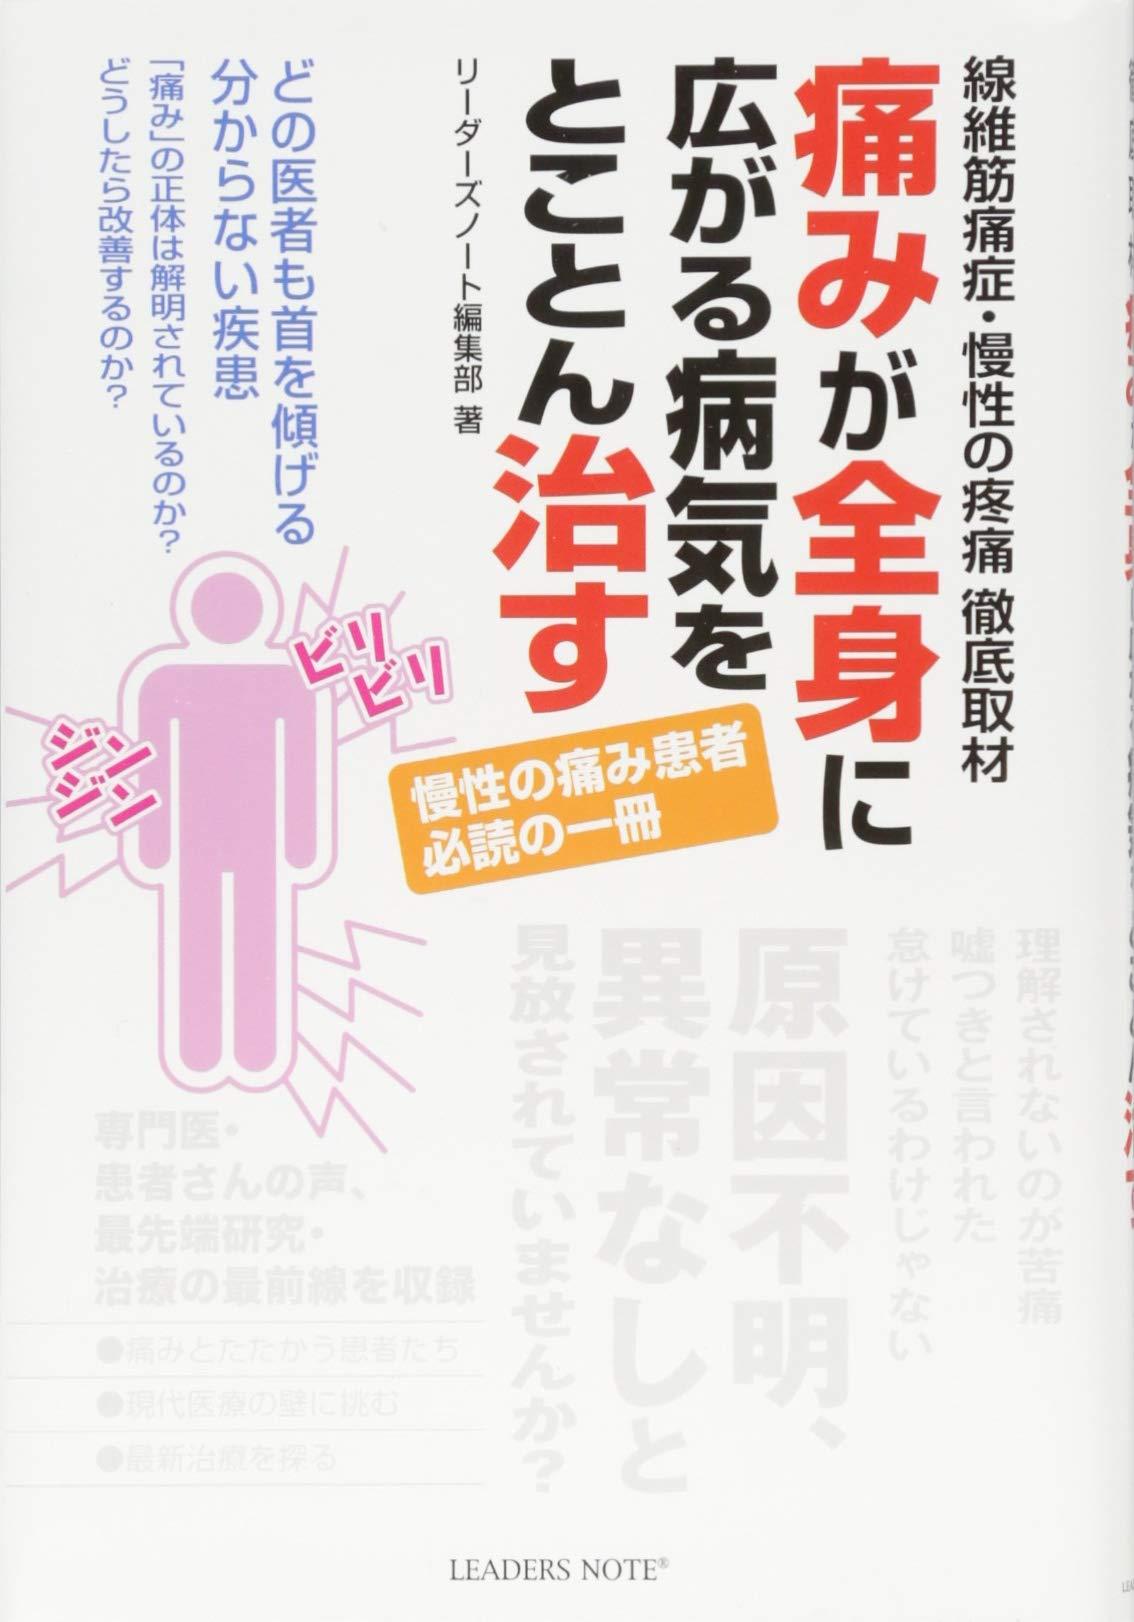 Itami ga zenshin ni hirogaru byōki o tokoton naosu : sen'i kintsūshō mansei no tōtsū tettei shuzai mansei no itami kanja hitsudoku no issatsu pdf